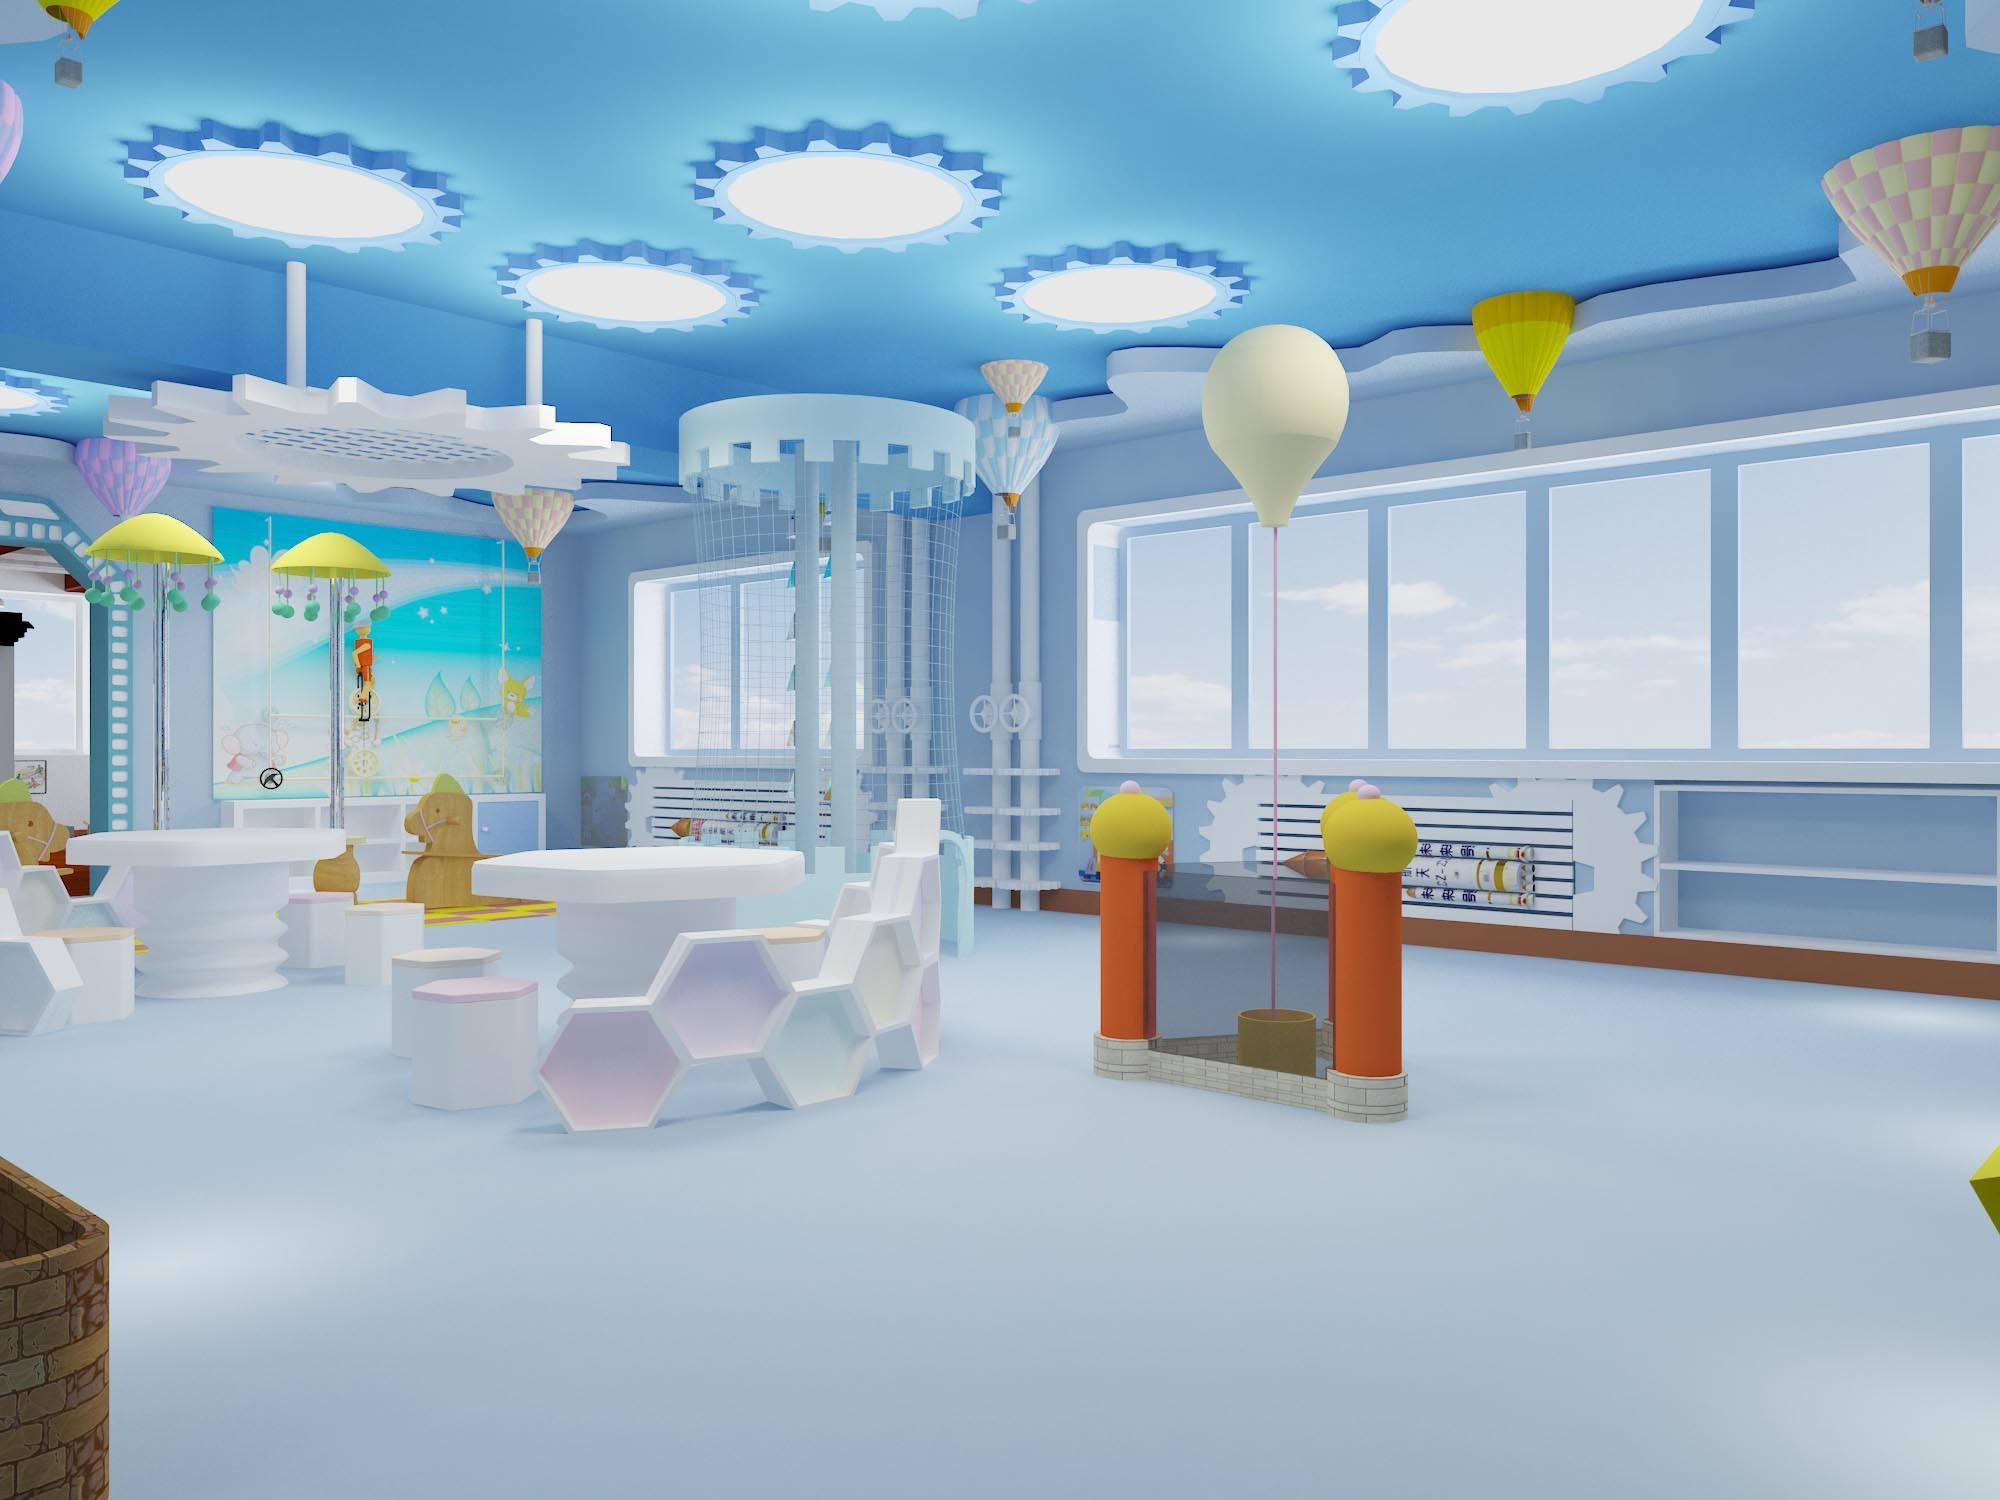 幼儿园装修设计注意事项 幼儿园设计如何选择色彩